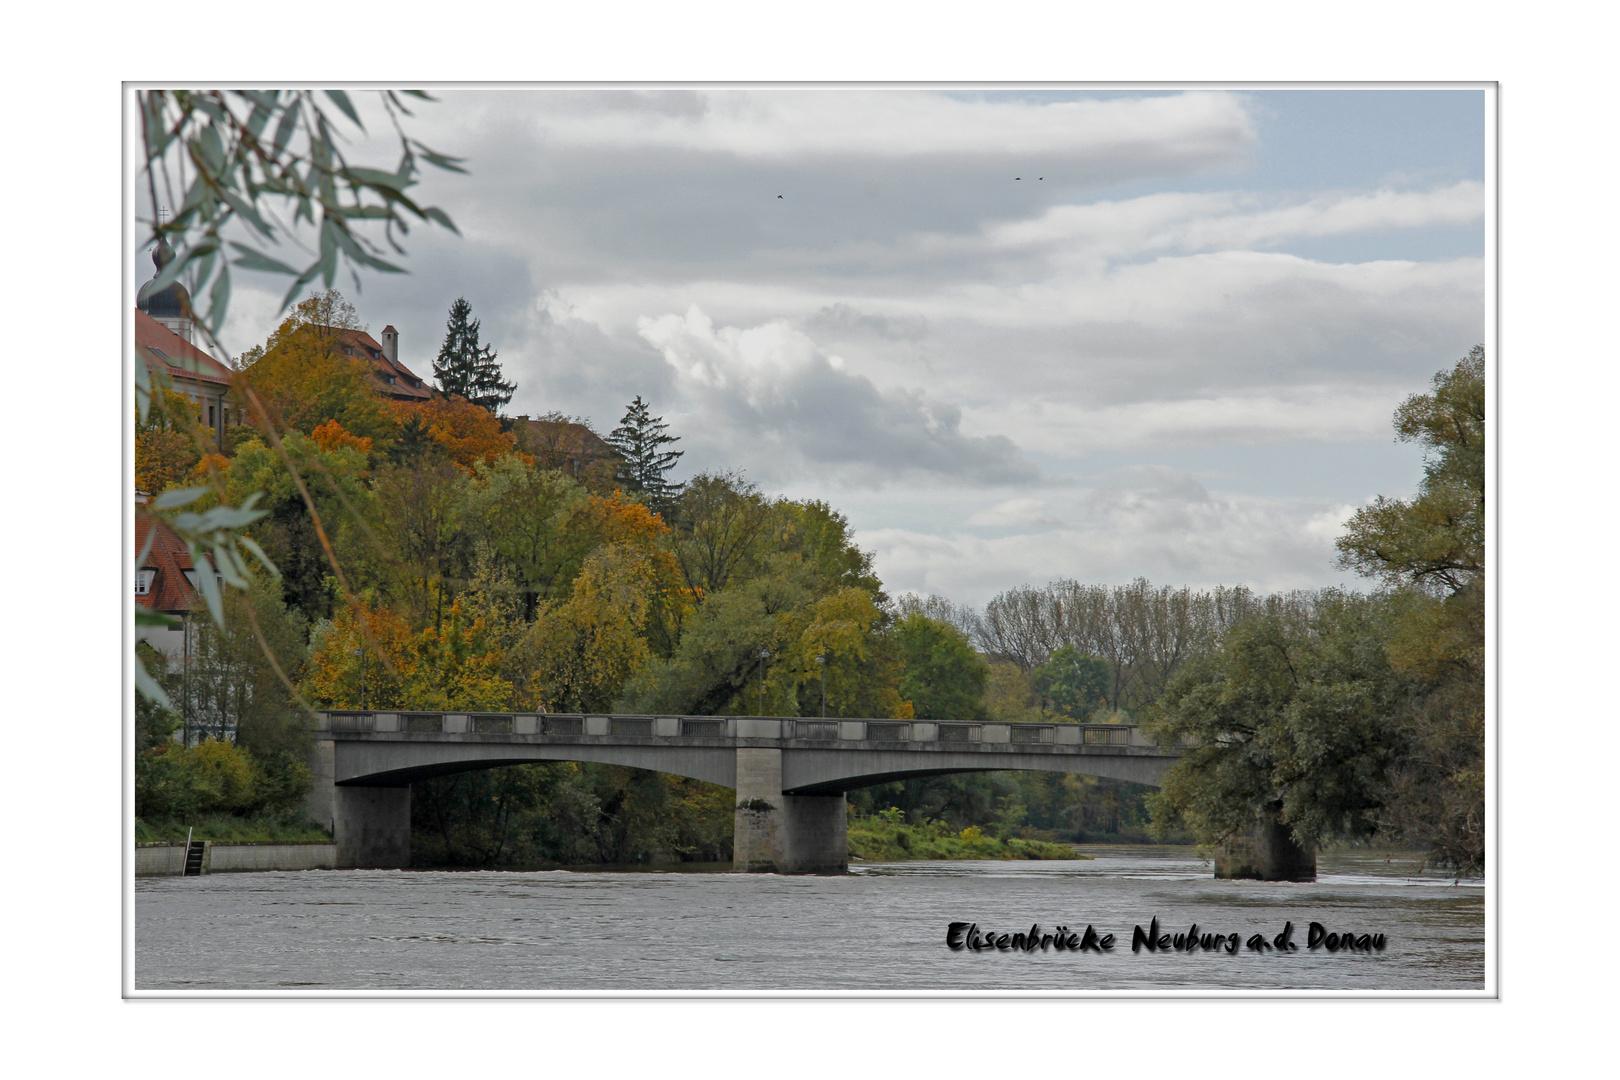 Elisenbrücke